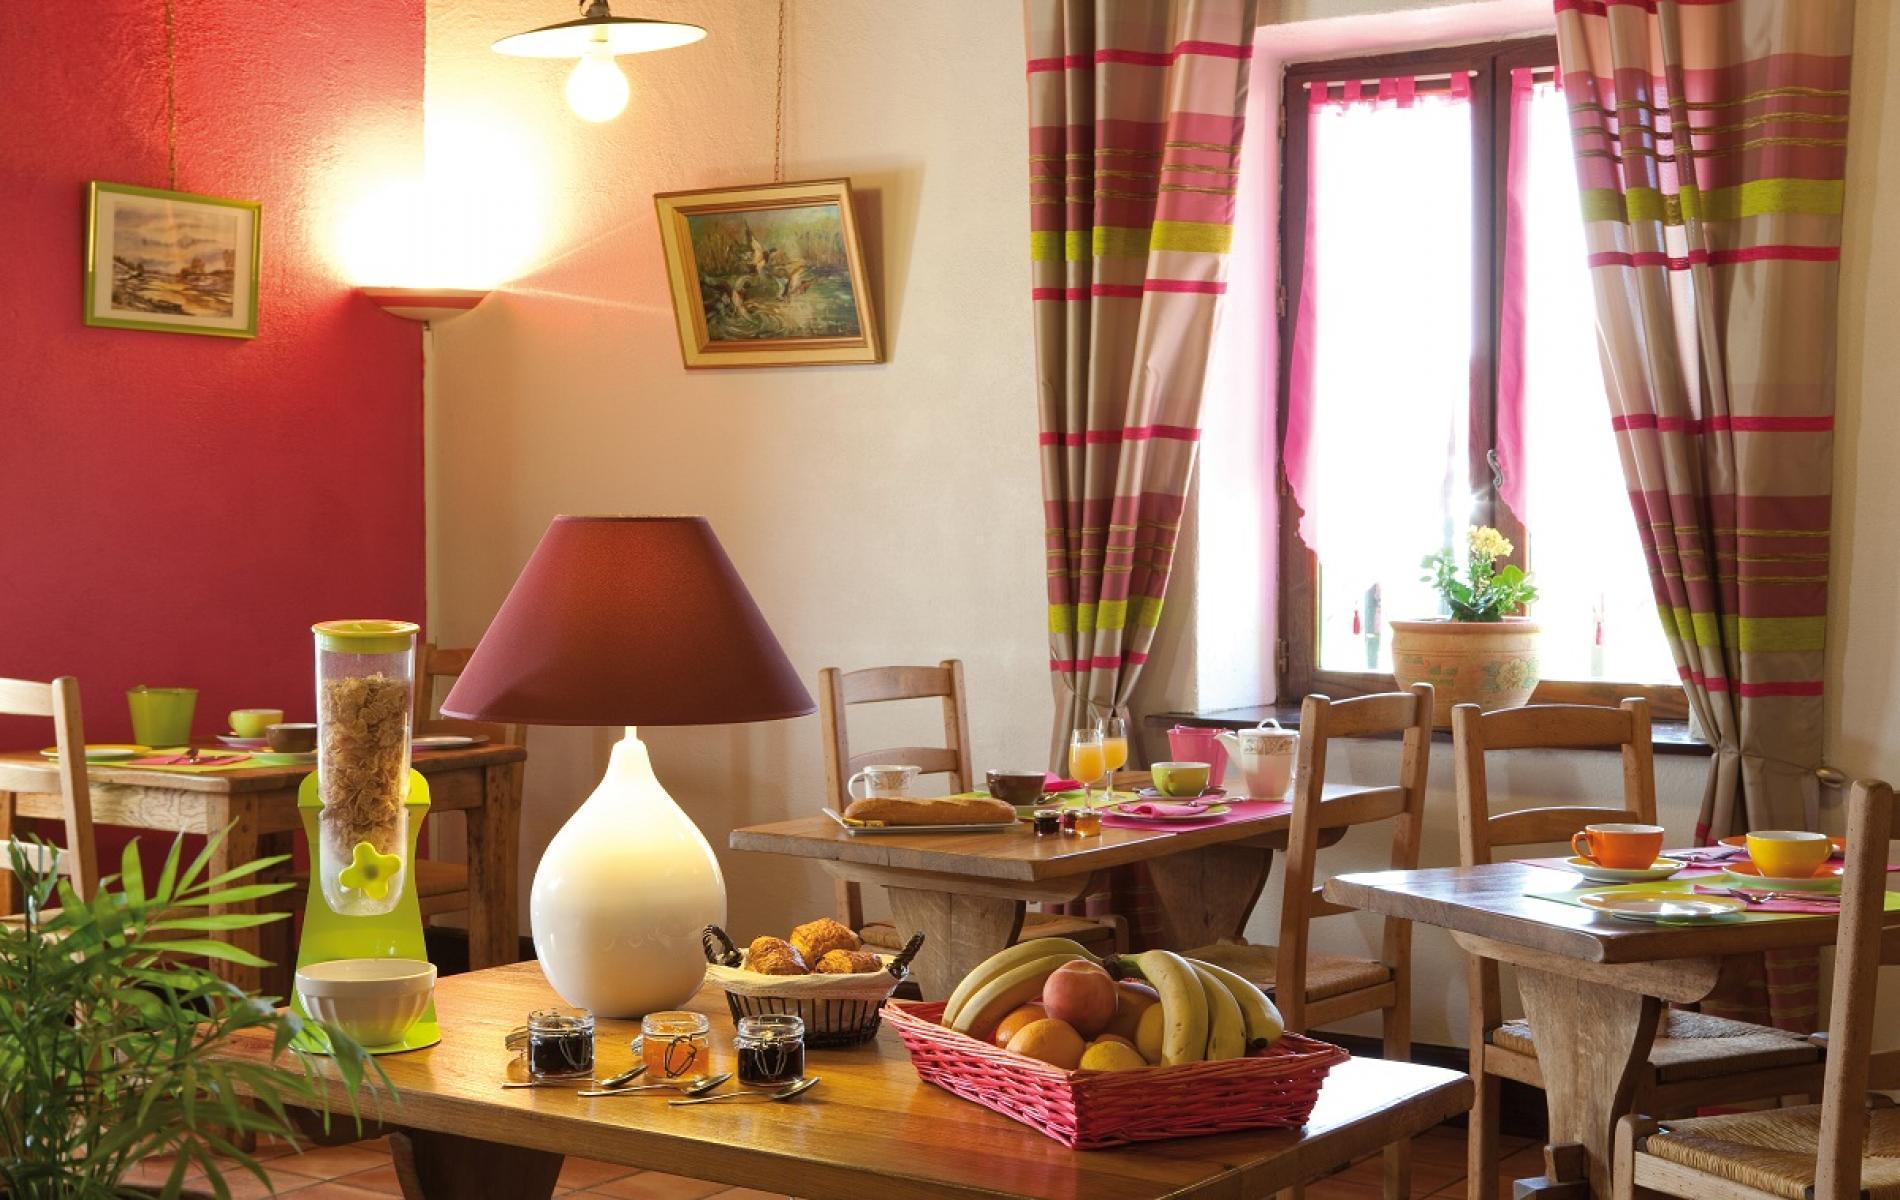 Hotel de charme proche villefranche sur saone - Hotel de charme perche ...